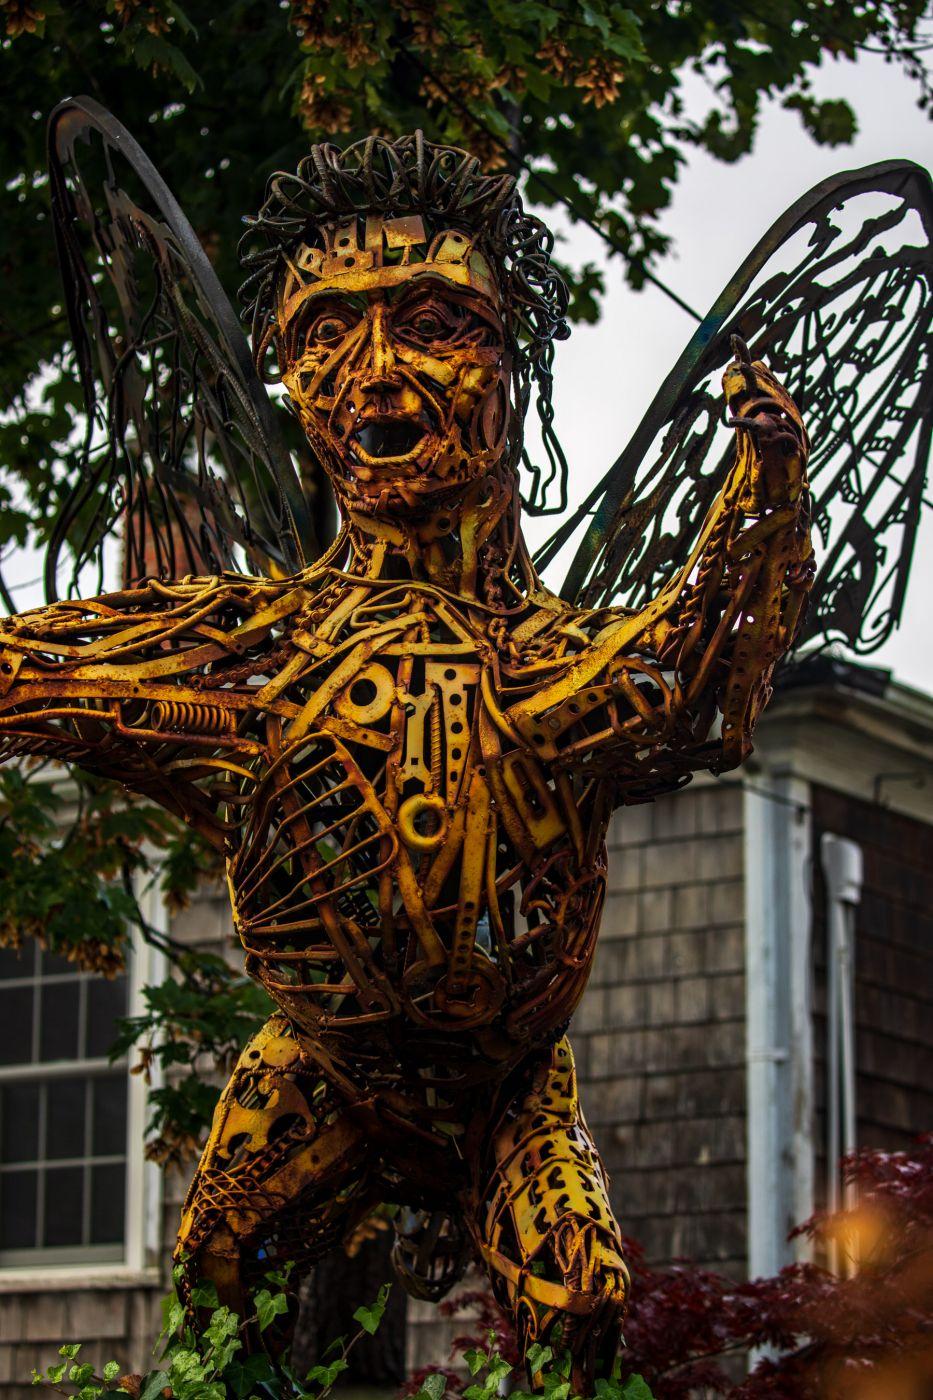 Provincetown Sculpture Center St Cape Cod, USA